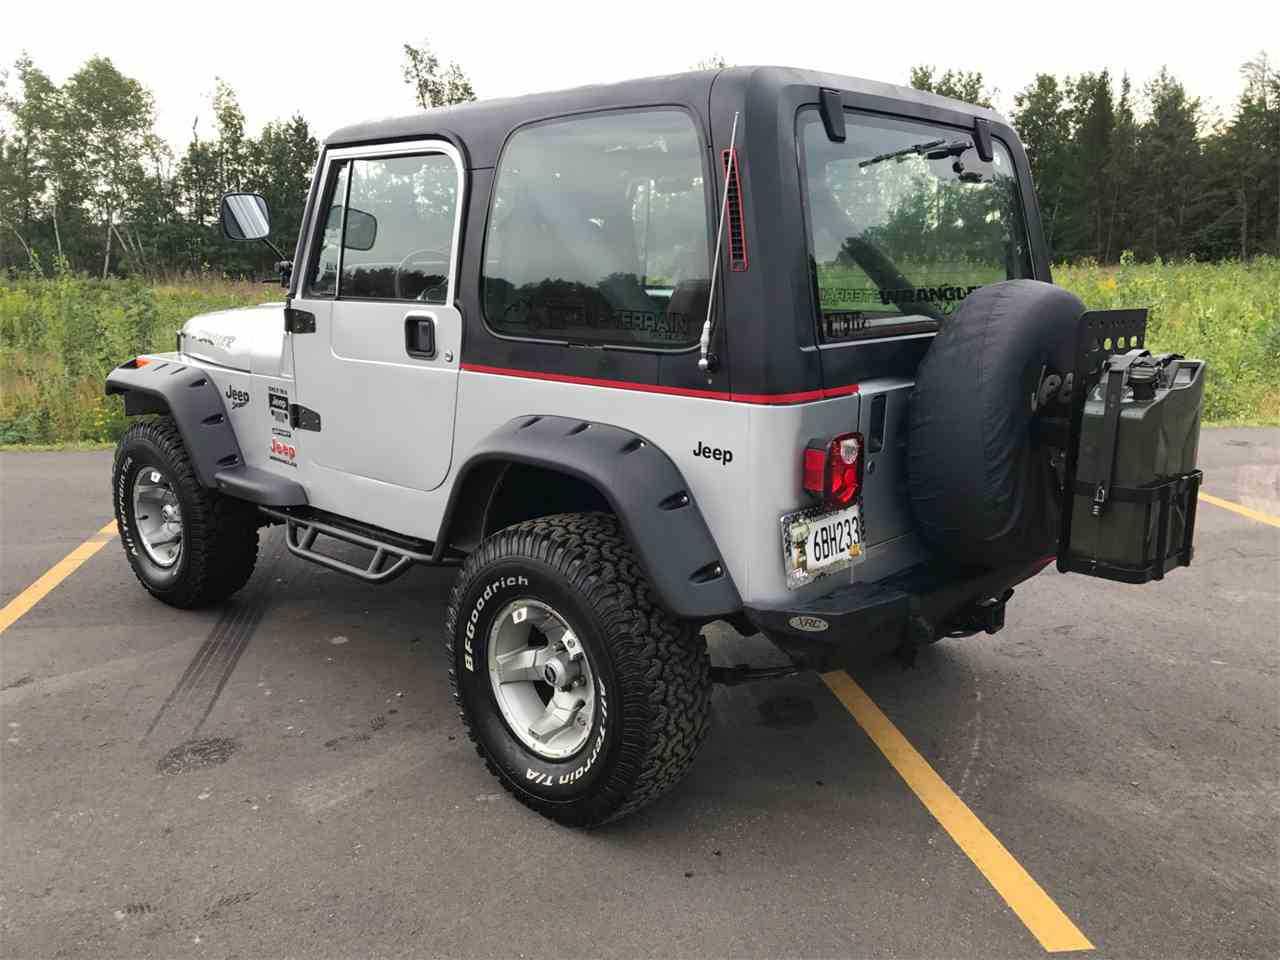 1988 Jeep Wrangler For Sale In Brainerd Mn 2bccv8111jb531830 Hard Top